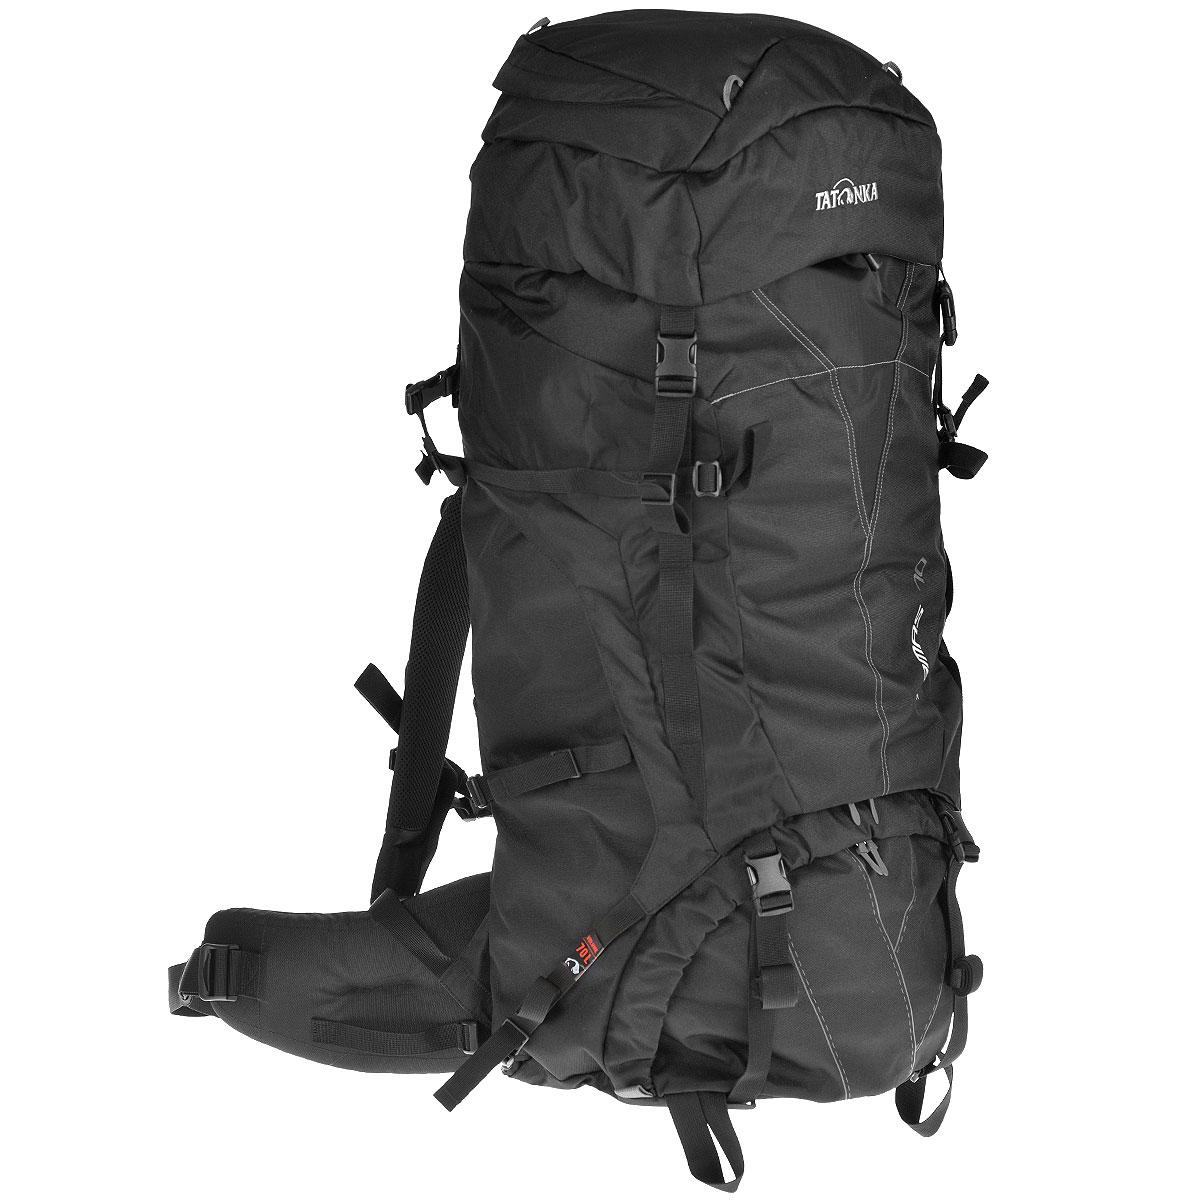 Рюкзак туристический Tatonka Tamas 70, цвет: черный, 70 л6017.040Вместительный рюкзак Tatonka Tamas 70 среднего объема. Отличный выбор для походов на байдарках - алюминиевые шины легко вытаскиваются из спины рюкзака и его можно компактно сложить и убрать в лодку.Преимущества и особенности: Система переноски: Y1Широкий поясной ременьЛямки регулируются по высоте, длине и плотности прилегания к рюкзакуКрышка рюкзака регулируется по высотеДоступ в основное отделение сверху и в центральной частиСъемное отделение между отделениямиШины жесткости легко снимаютсяКрепление для ледорубов и трекинговых палокКарман в крышке рюкзакаНагрудный ременьУтягивающие ремни по бокам.